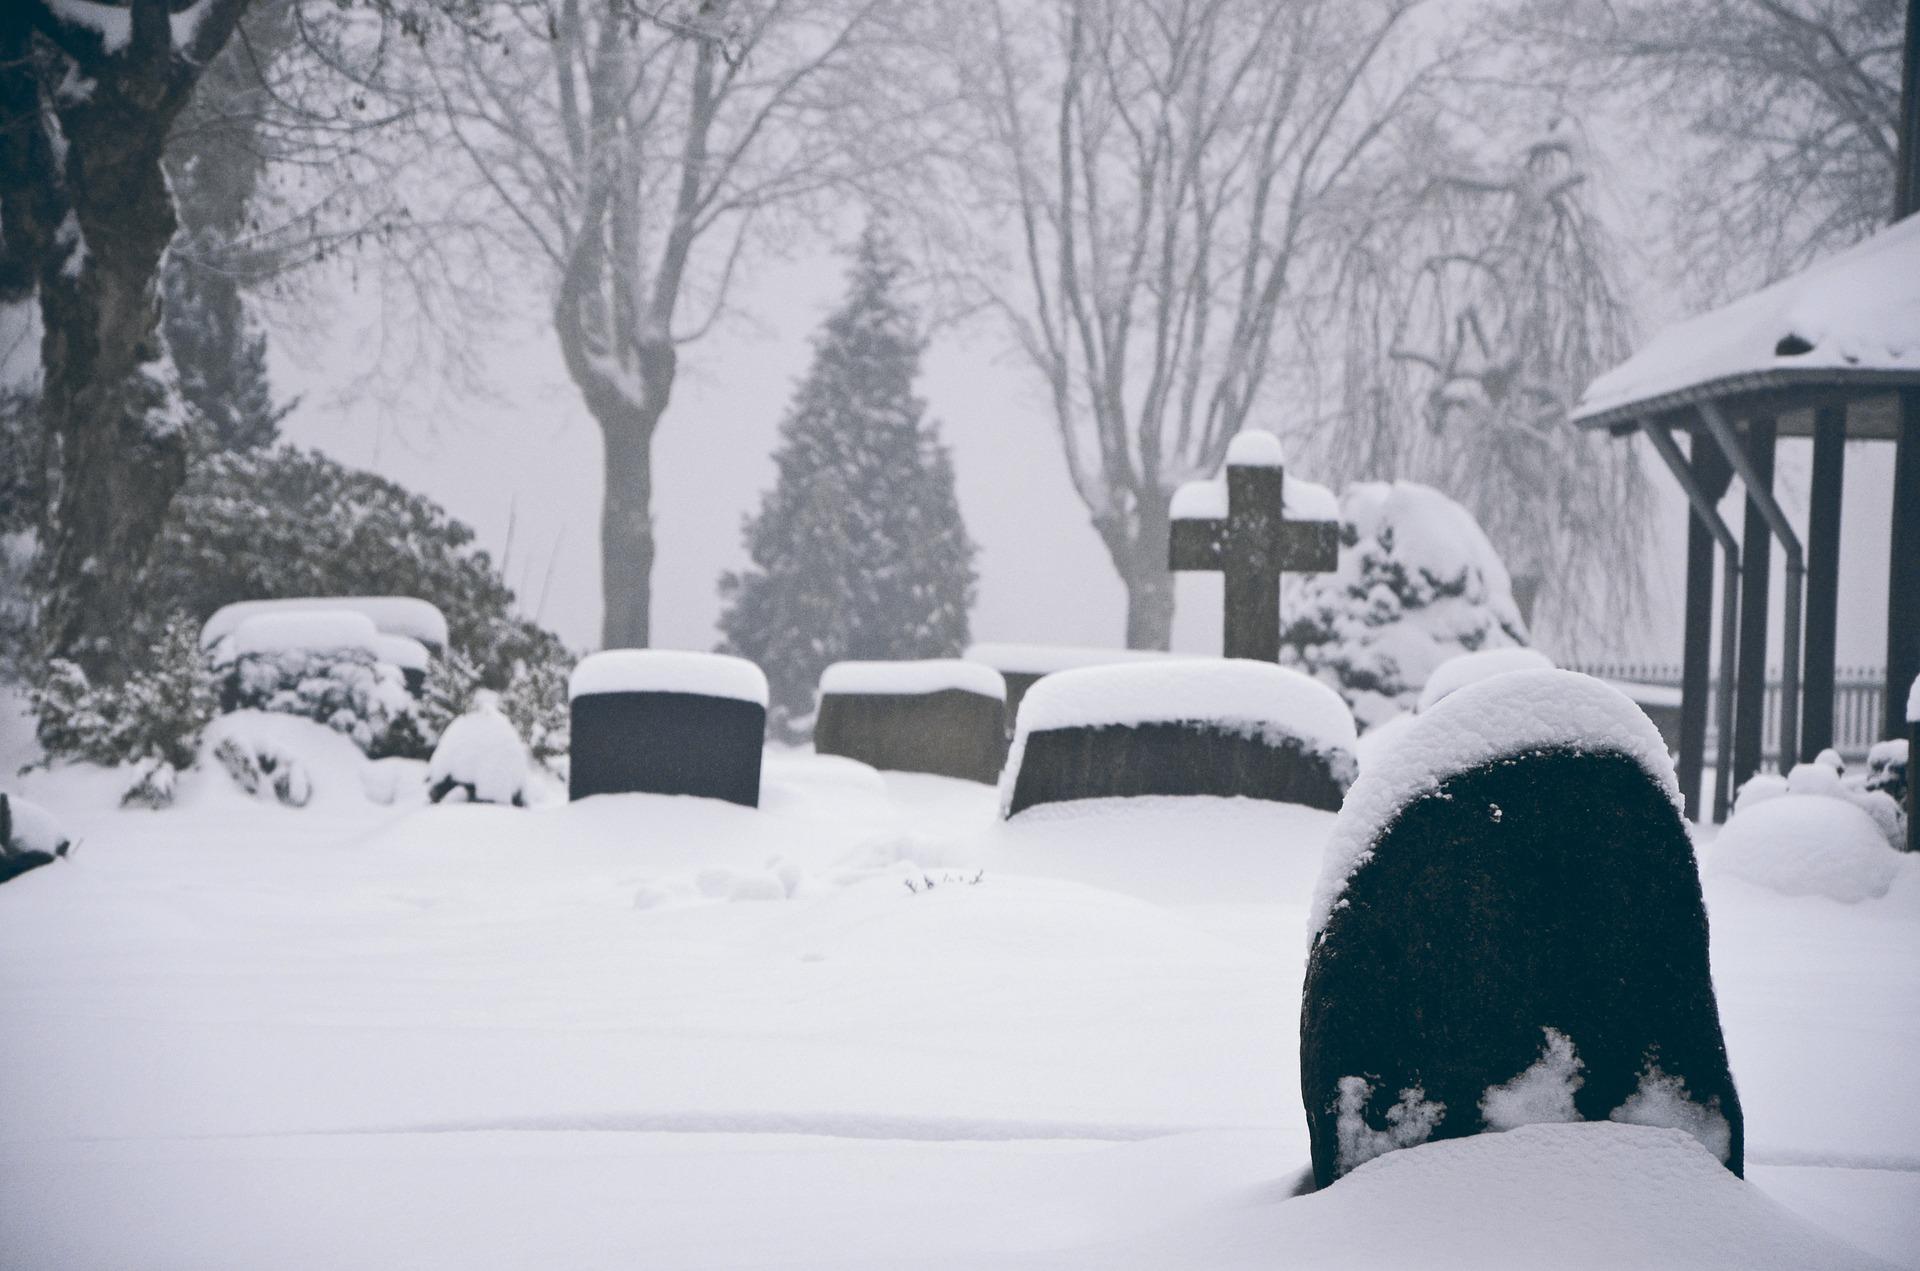 La neige et les éléments climatiques peuvent endommager les pierres tombales